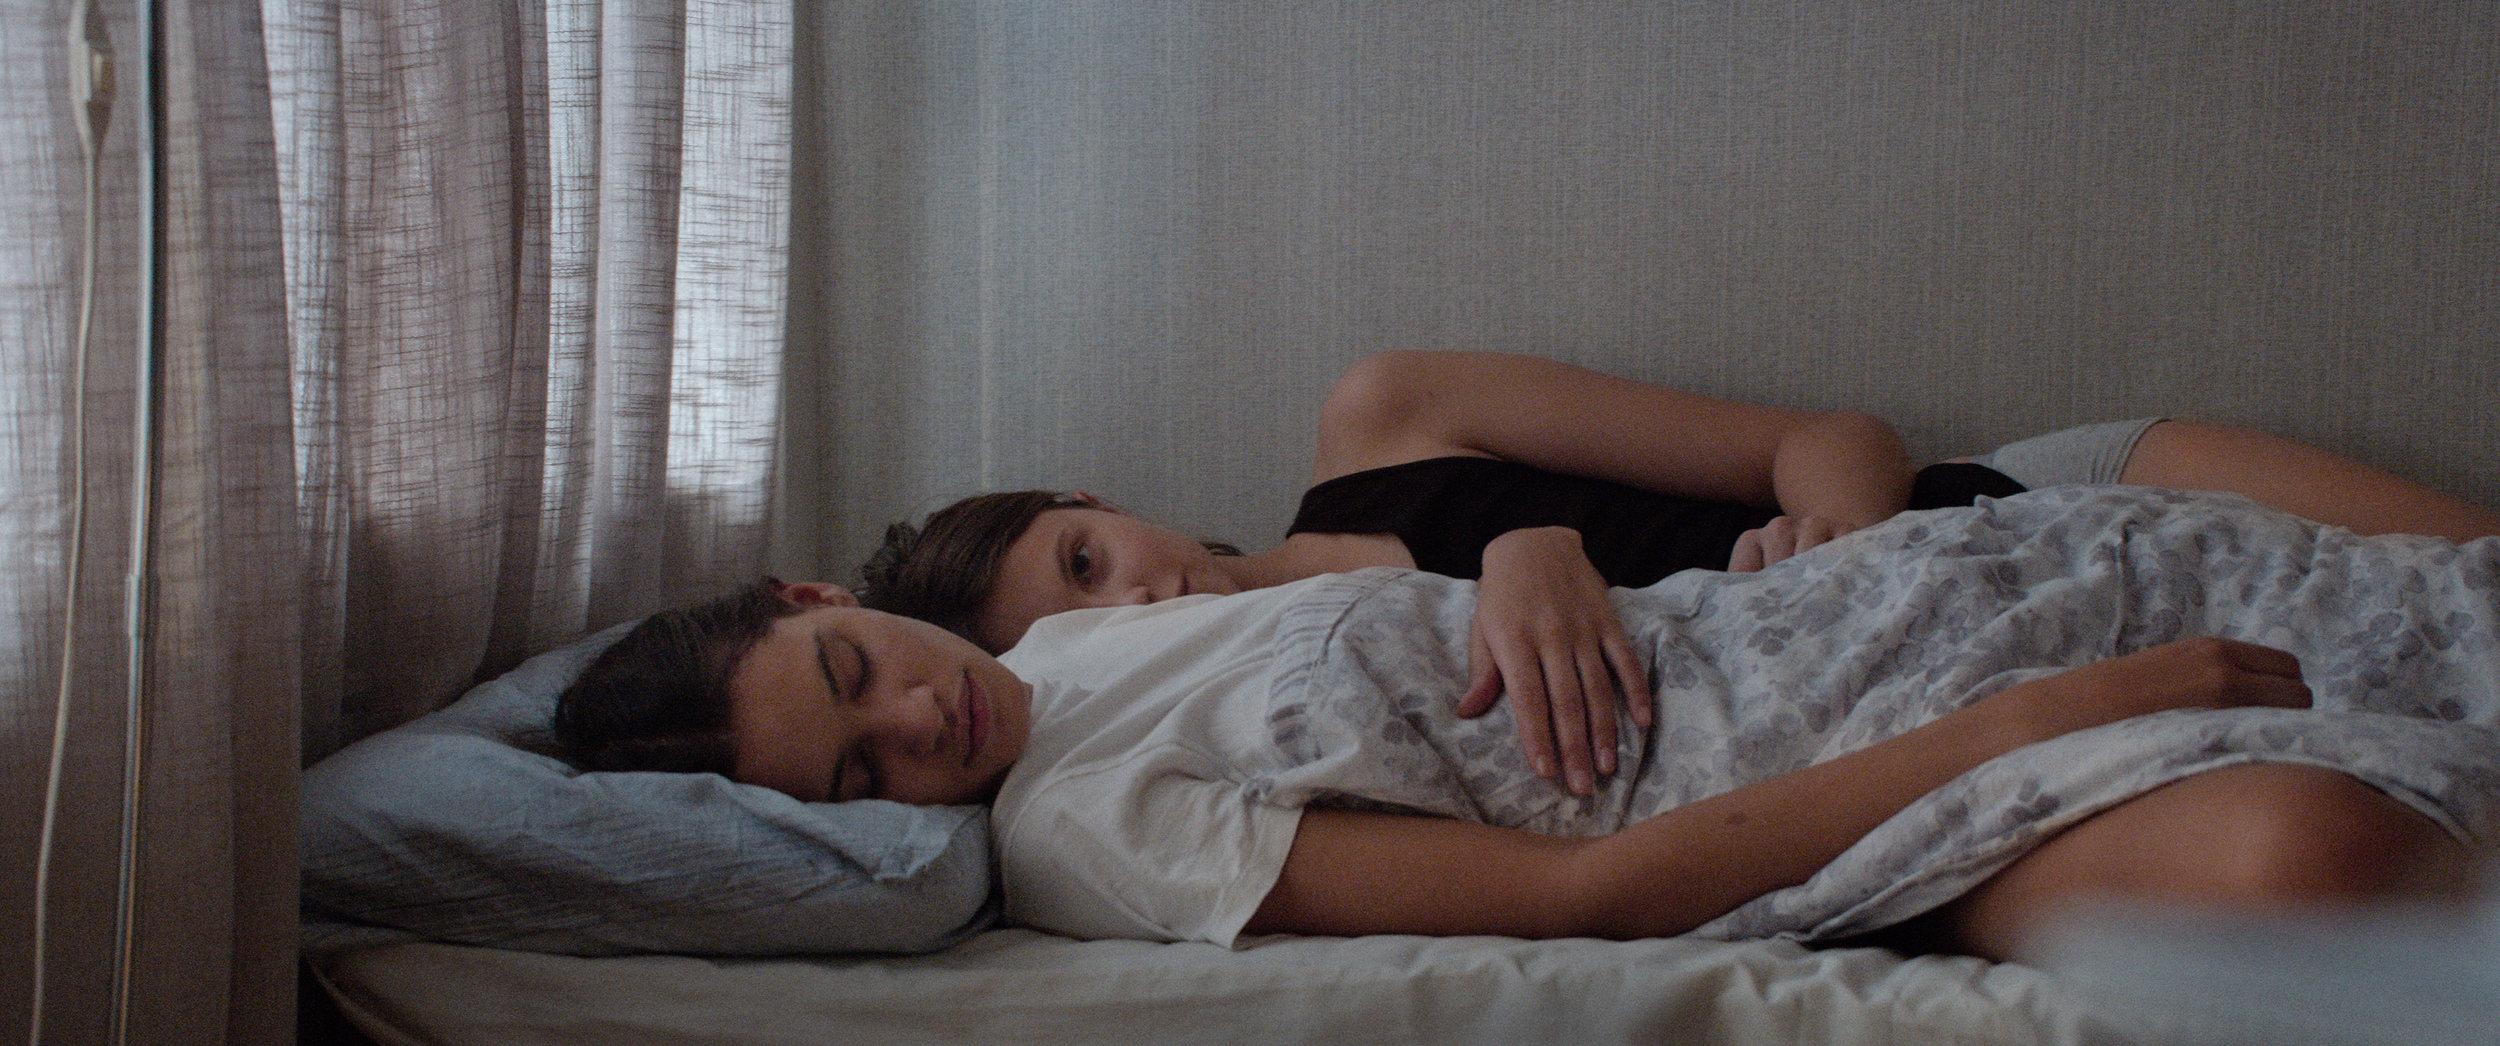 Thelma (Eili Harboe) forelsker seg i medstudenten Anja (Kaya Wilkins).